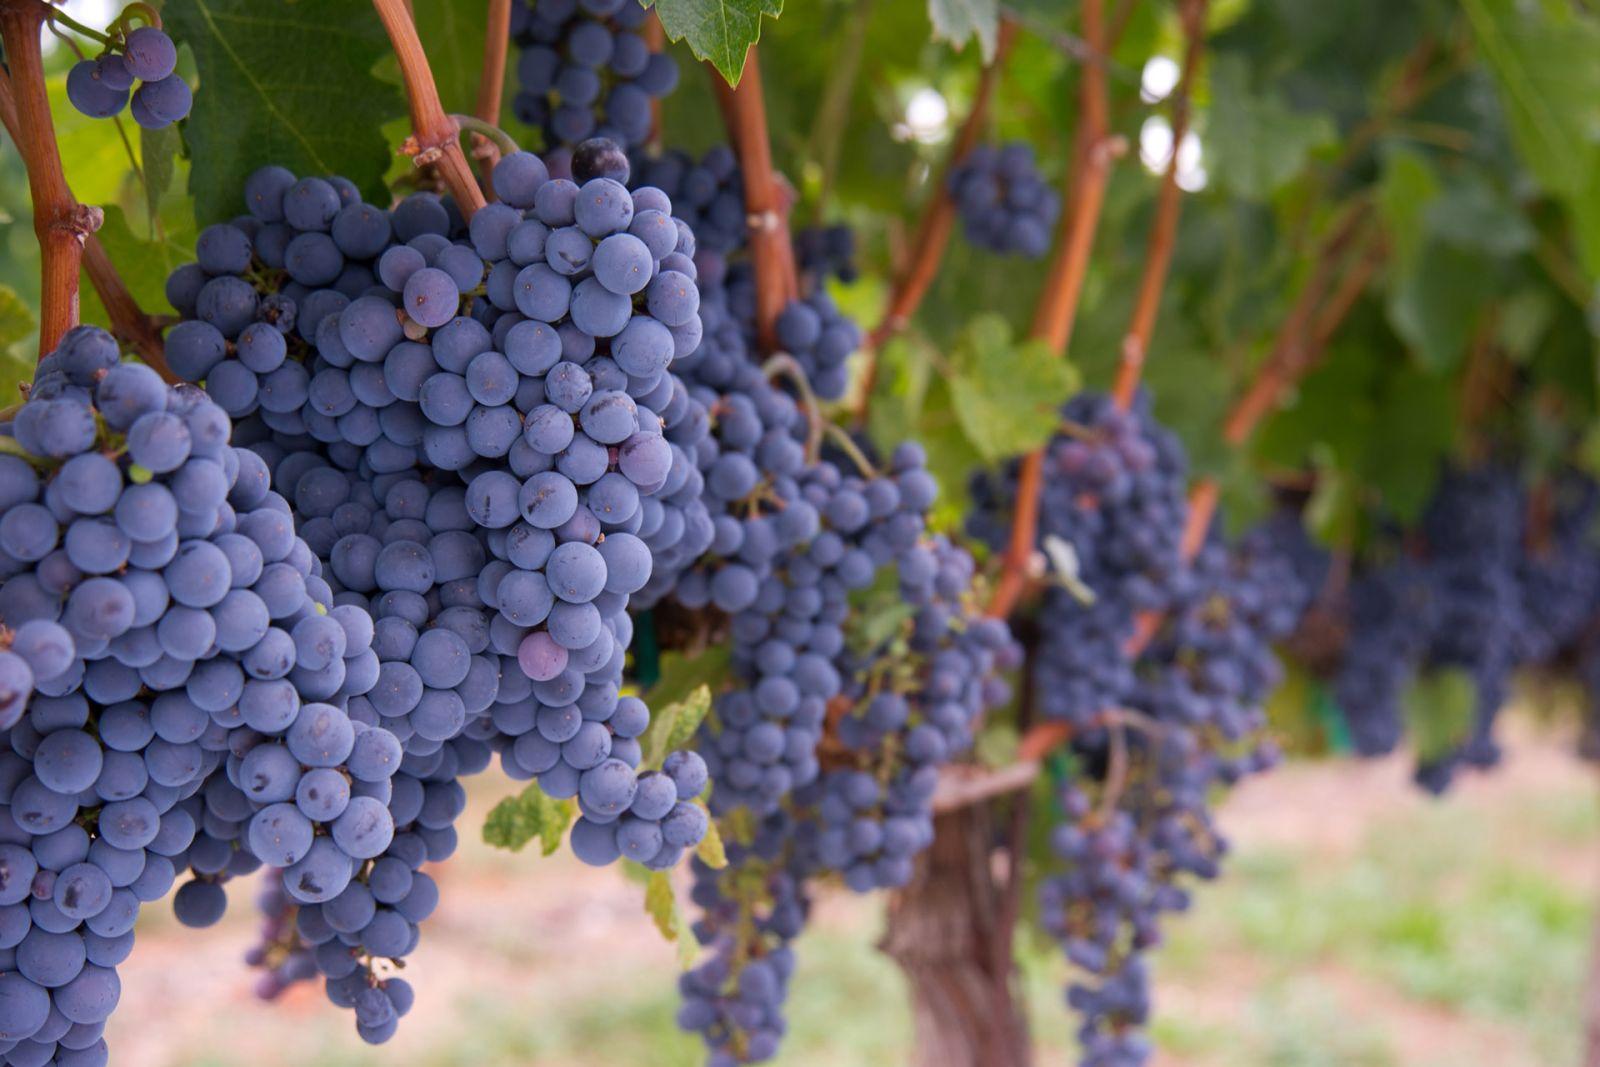 Rượu Vang Tây Ban Nha: Tất tần tật những thông tin cần biết A-Z